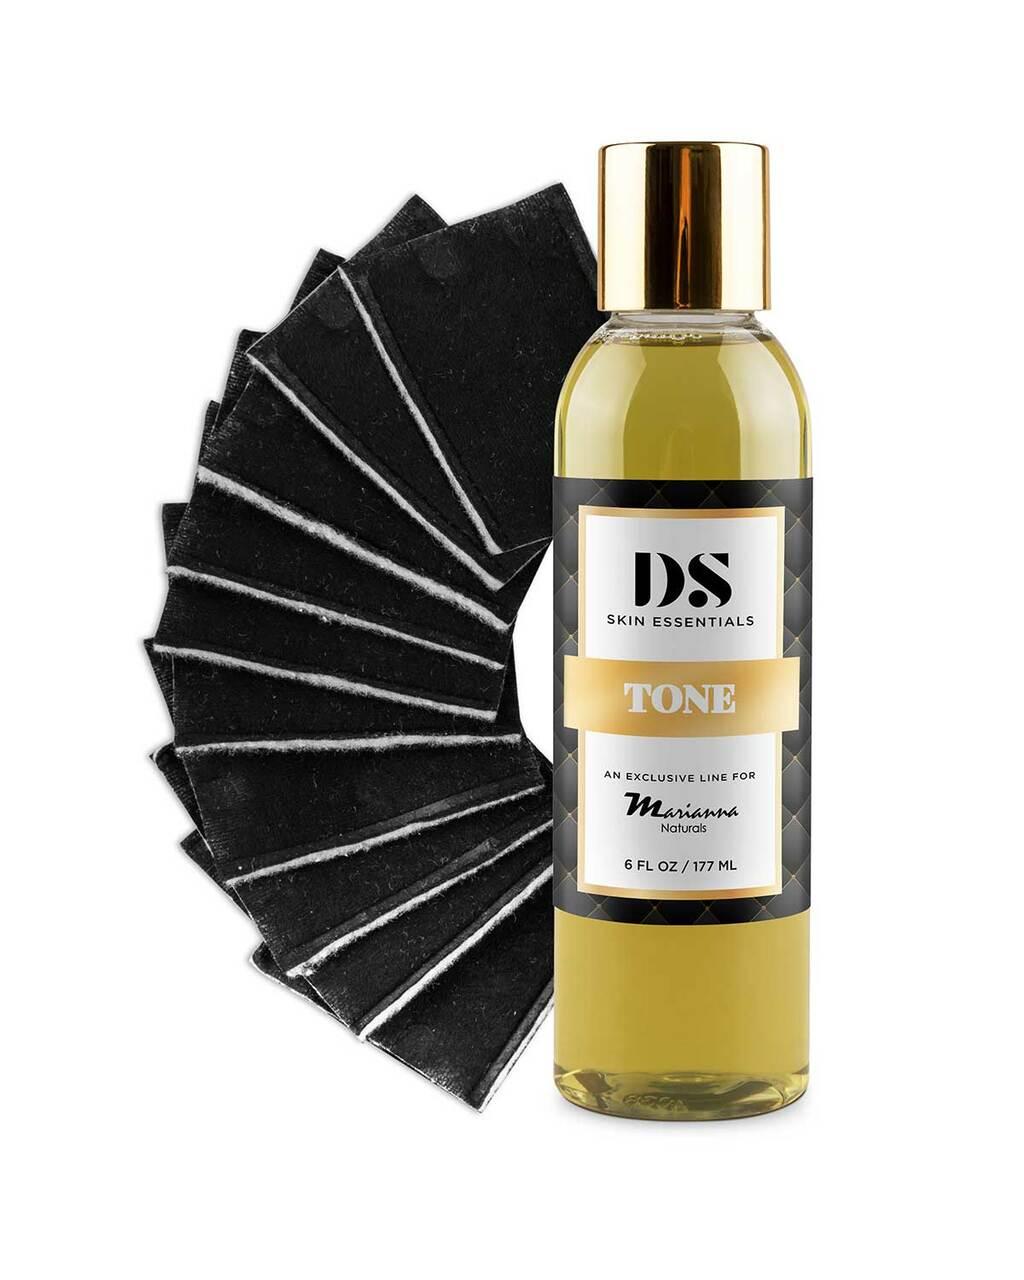 DS Skin Essentials 6oz Toner - Primary Thumbnail